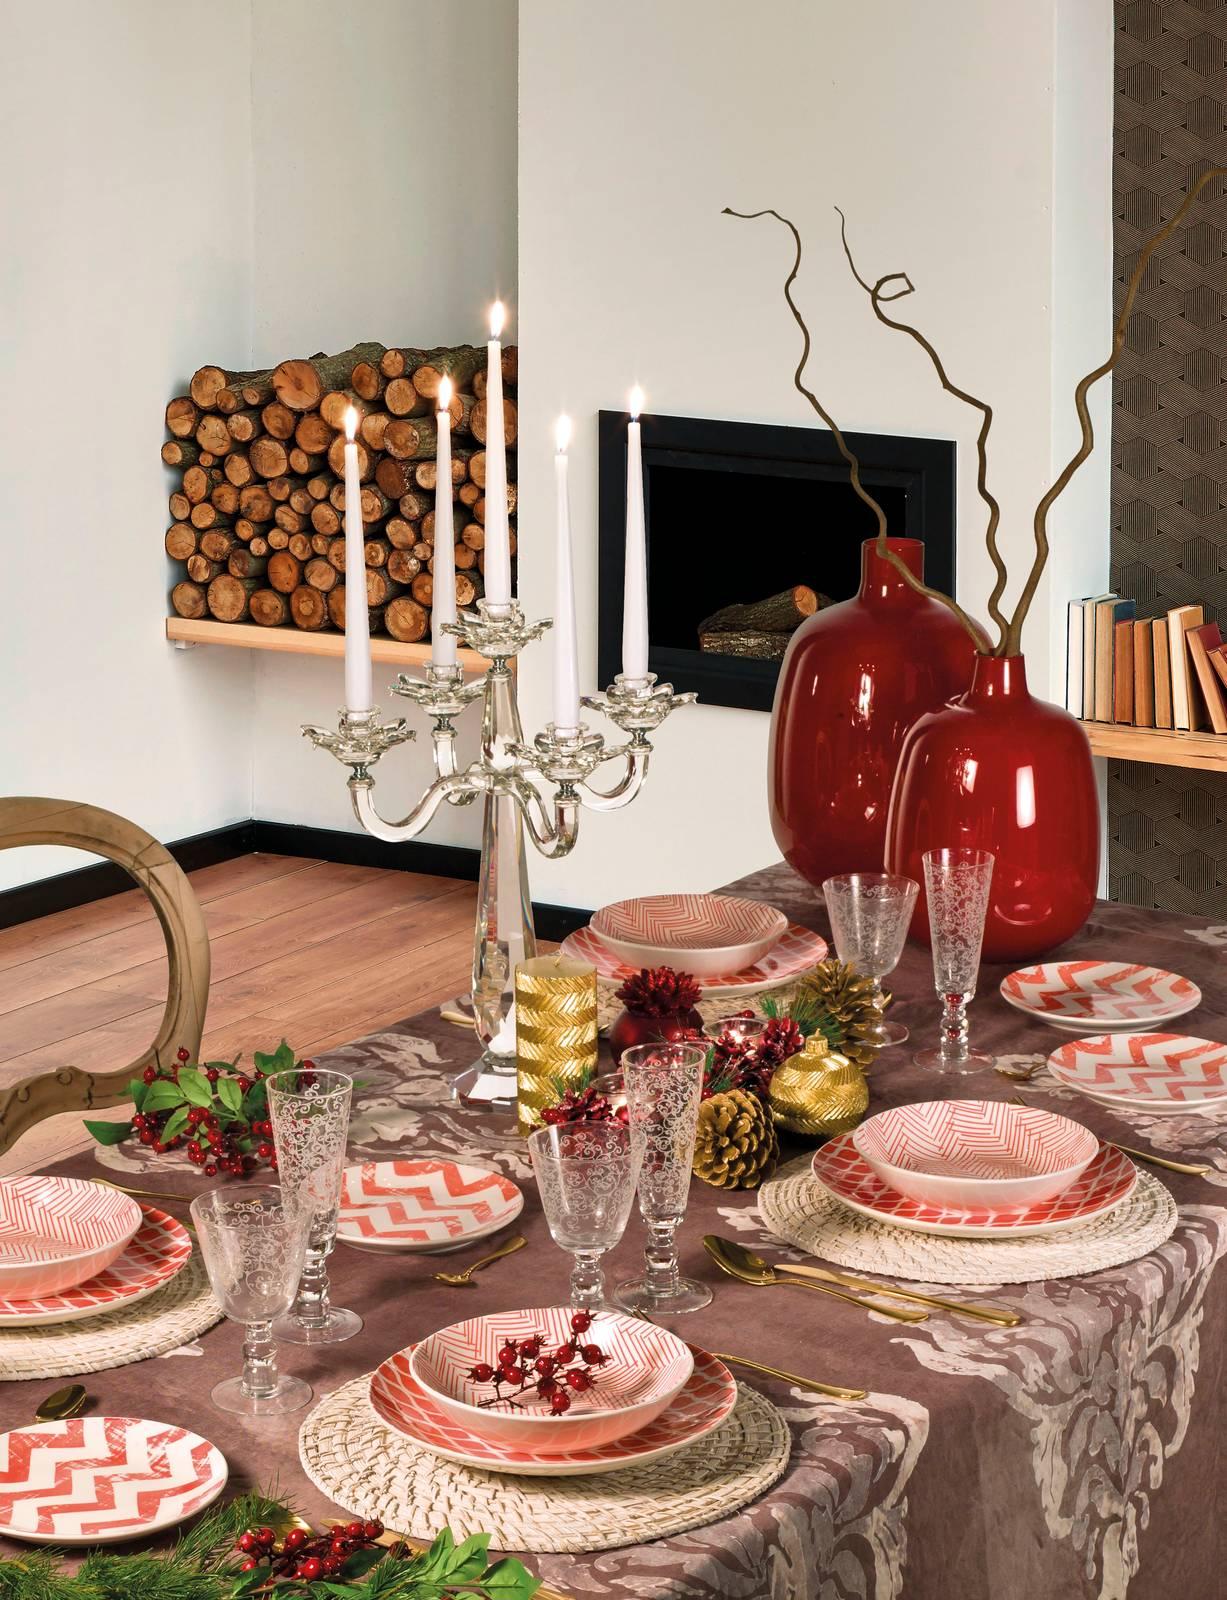 Decorazioni Natalizie Tavola.Tavola Di Natale Piatti E Decorazioni Oro Rosso Bianco Cose Di Casa